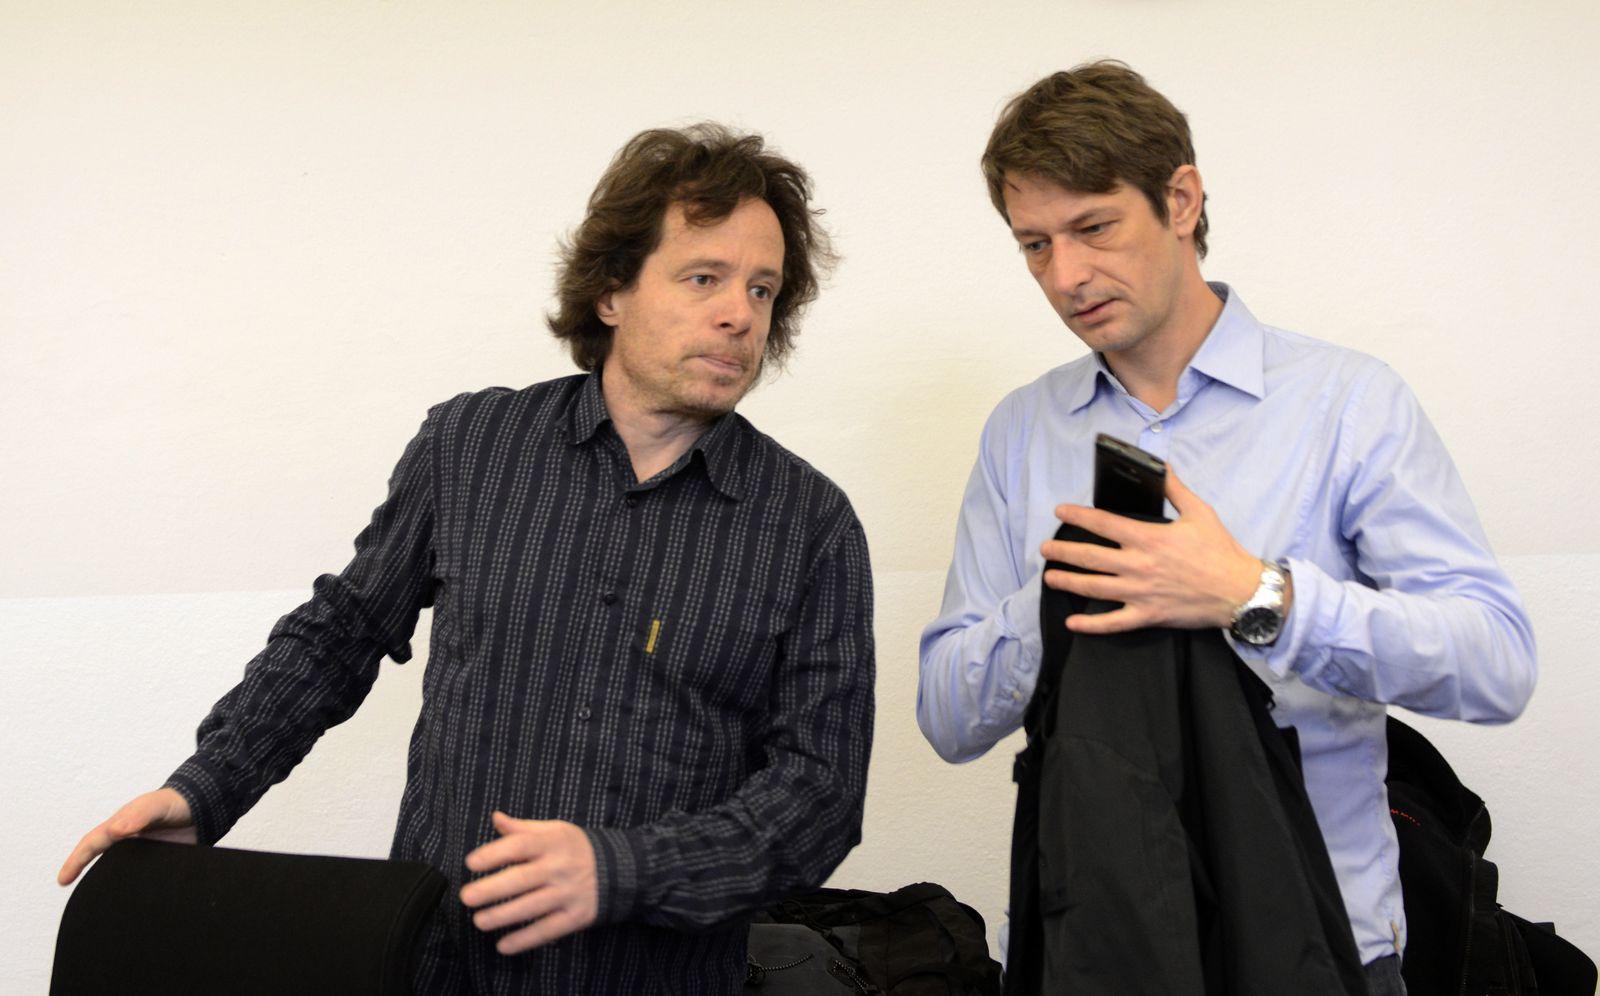 NICHT VERWENDEN Arndt Ginzel / Thomas Datt